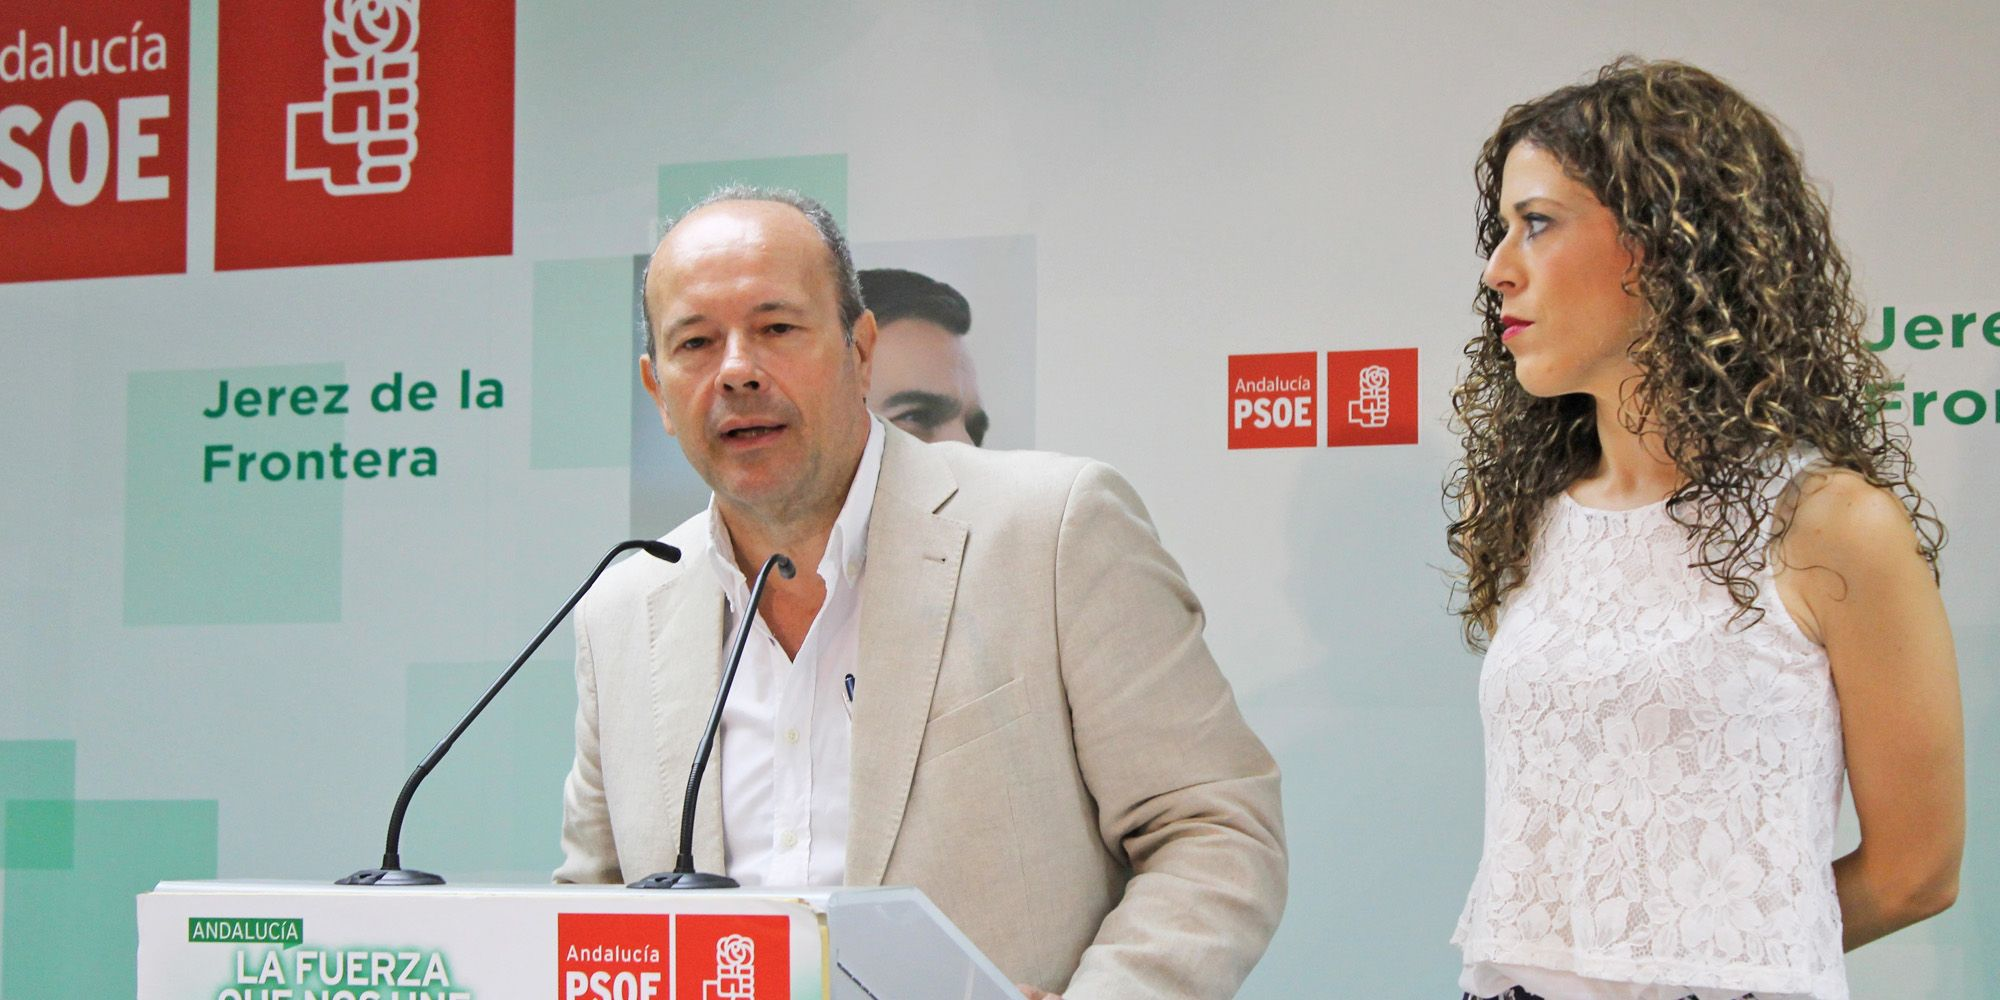 Juan Carlos Campo y Miriam Alconchel psoe jerez